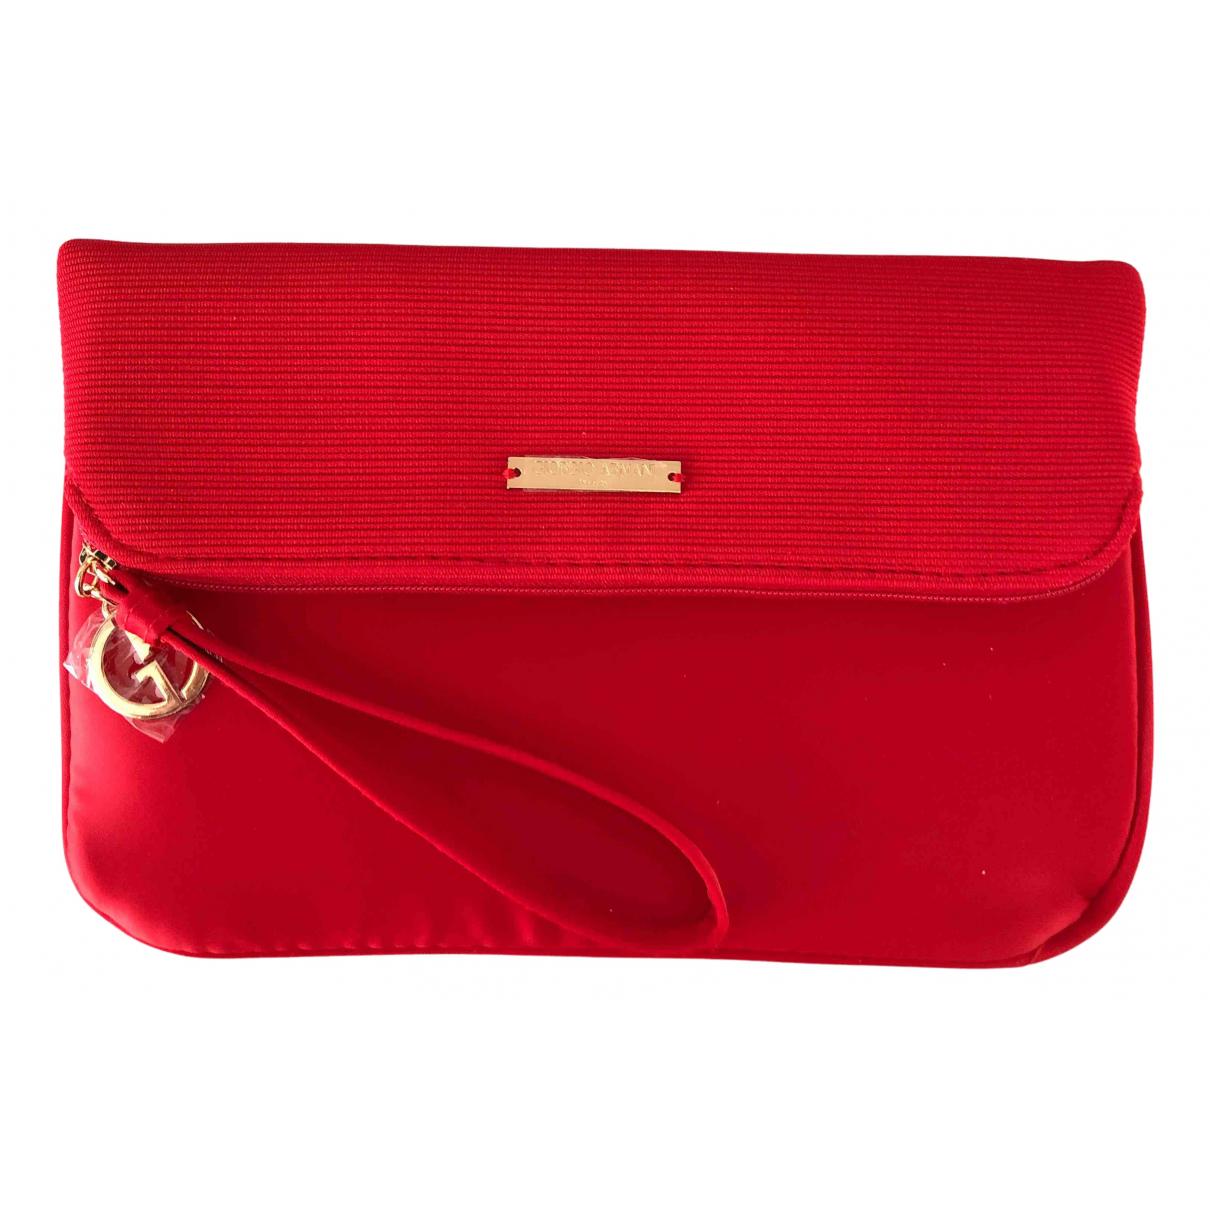 Giorgio Armani - Pochette   pour femme - rouge